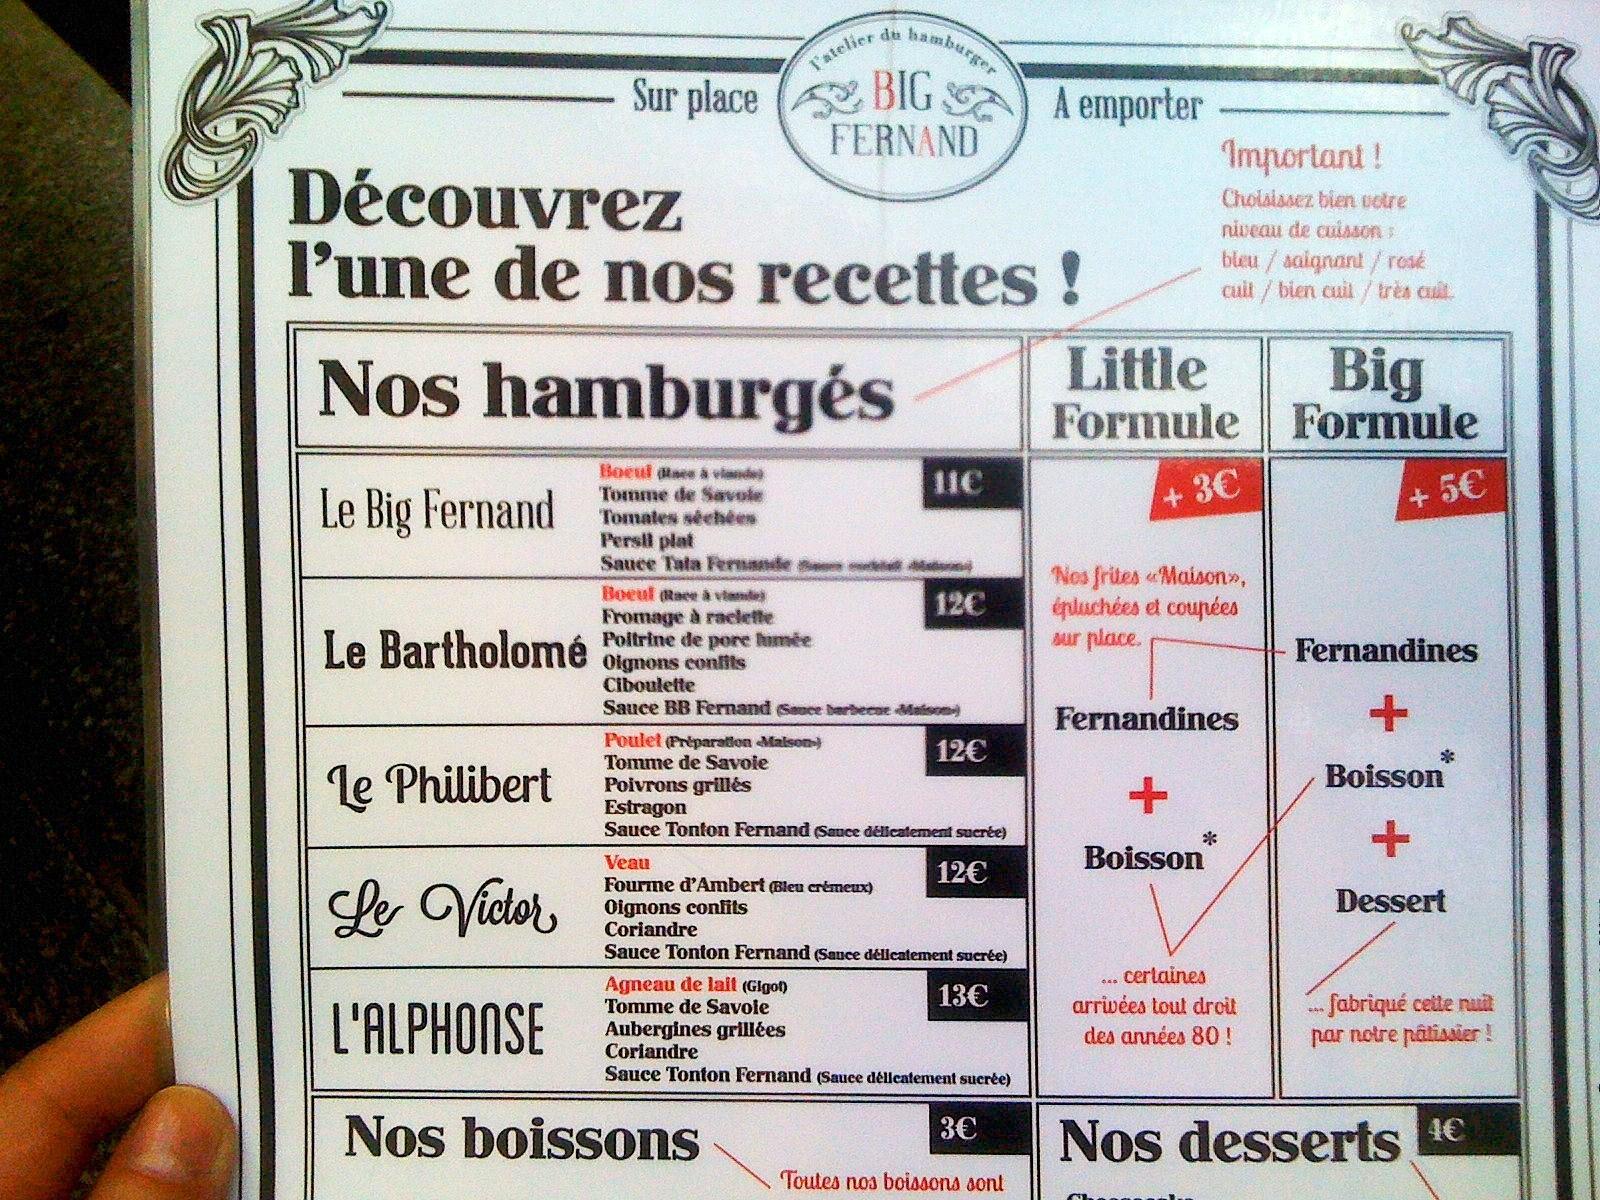 Connu Mes Adresses : Big Fernand, le burger en VF - 32, rue Saint  PG21